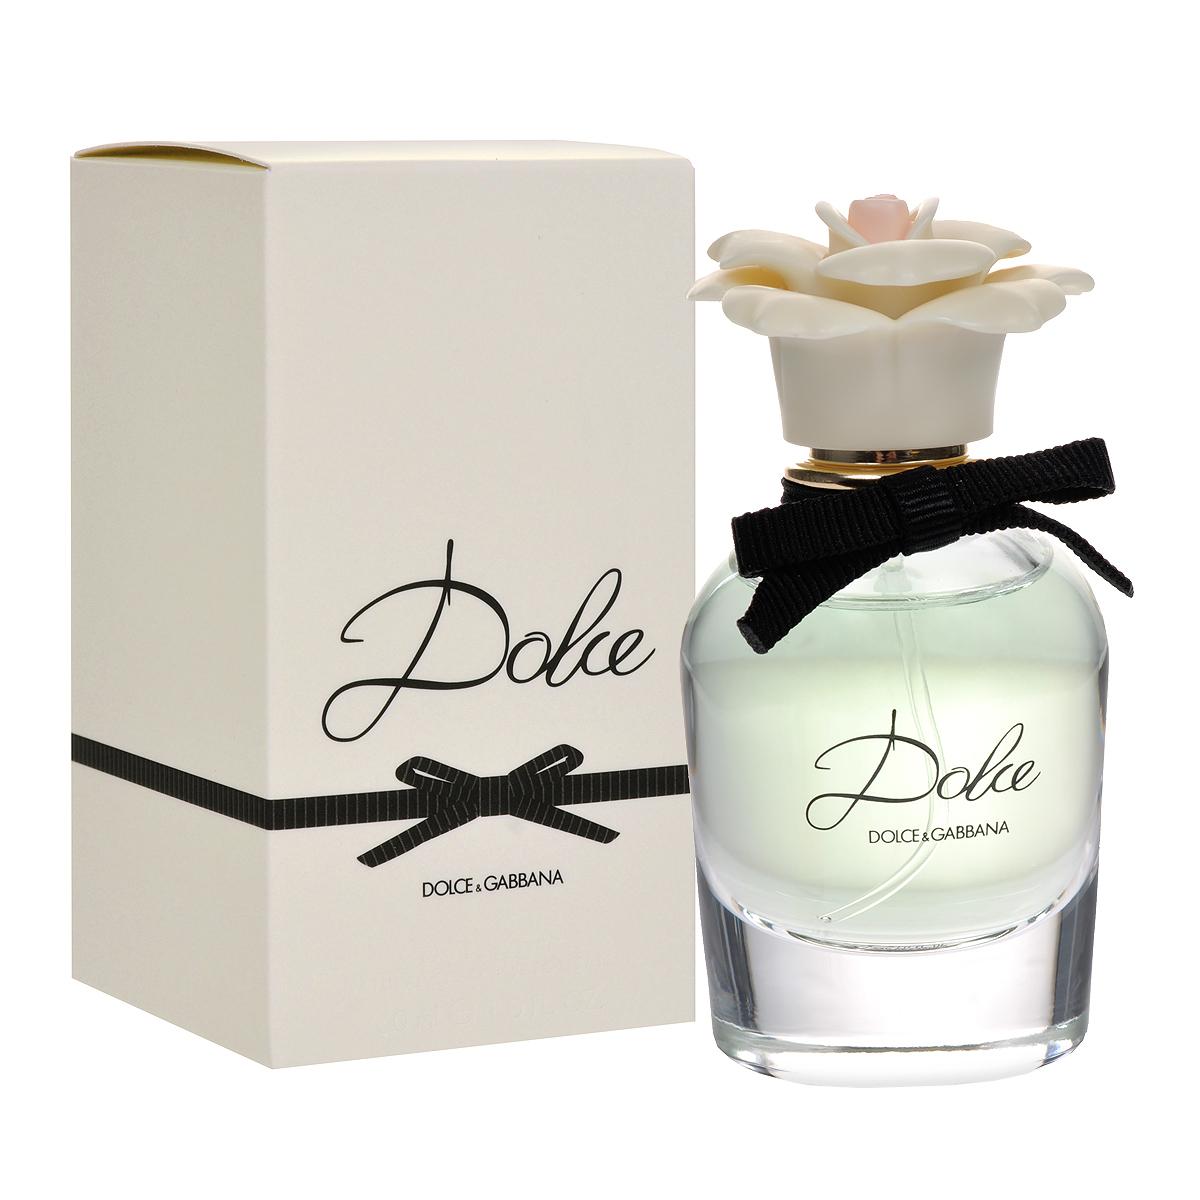 Dolce&Gabbana Парфюмерная вода Dolce, женская, 30 мл1301210Нежный и элегантный Dolce&Gabbana Dolce подобен изысканному и неповторимому дизайнерскому наряду, в котором каждая деталь, каждая мелочь точно выверены и идеально выполнены. В композиции аромата каждая нота звучит ярко и красиво, и вместе с тем не нарушает общей гармонии, безупречно сочетаясь с окружающими ее аккордами. Dolce&Gabbana Dolce - гимн женственности и изящности. Покоряющий плавностью своих линий флакон сделан из прозрачного стекла и увенчан стильным «марципановым цветком» - визитной карточкой лучших сицилийских кондитеров. Аромат открывается свежестью нероли и цветов папайи. Средние ноты состоят из белых амариллиса, нарцисса и лилии. База обволакивает кашемиром и мускусом, дающими ощущение мягкости. Классификация аромата: цветочный. Товар сертифицирован.